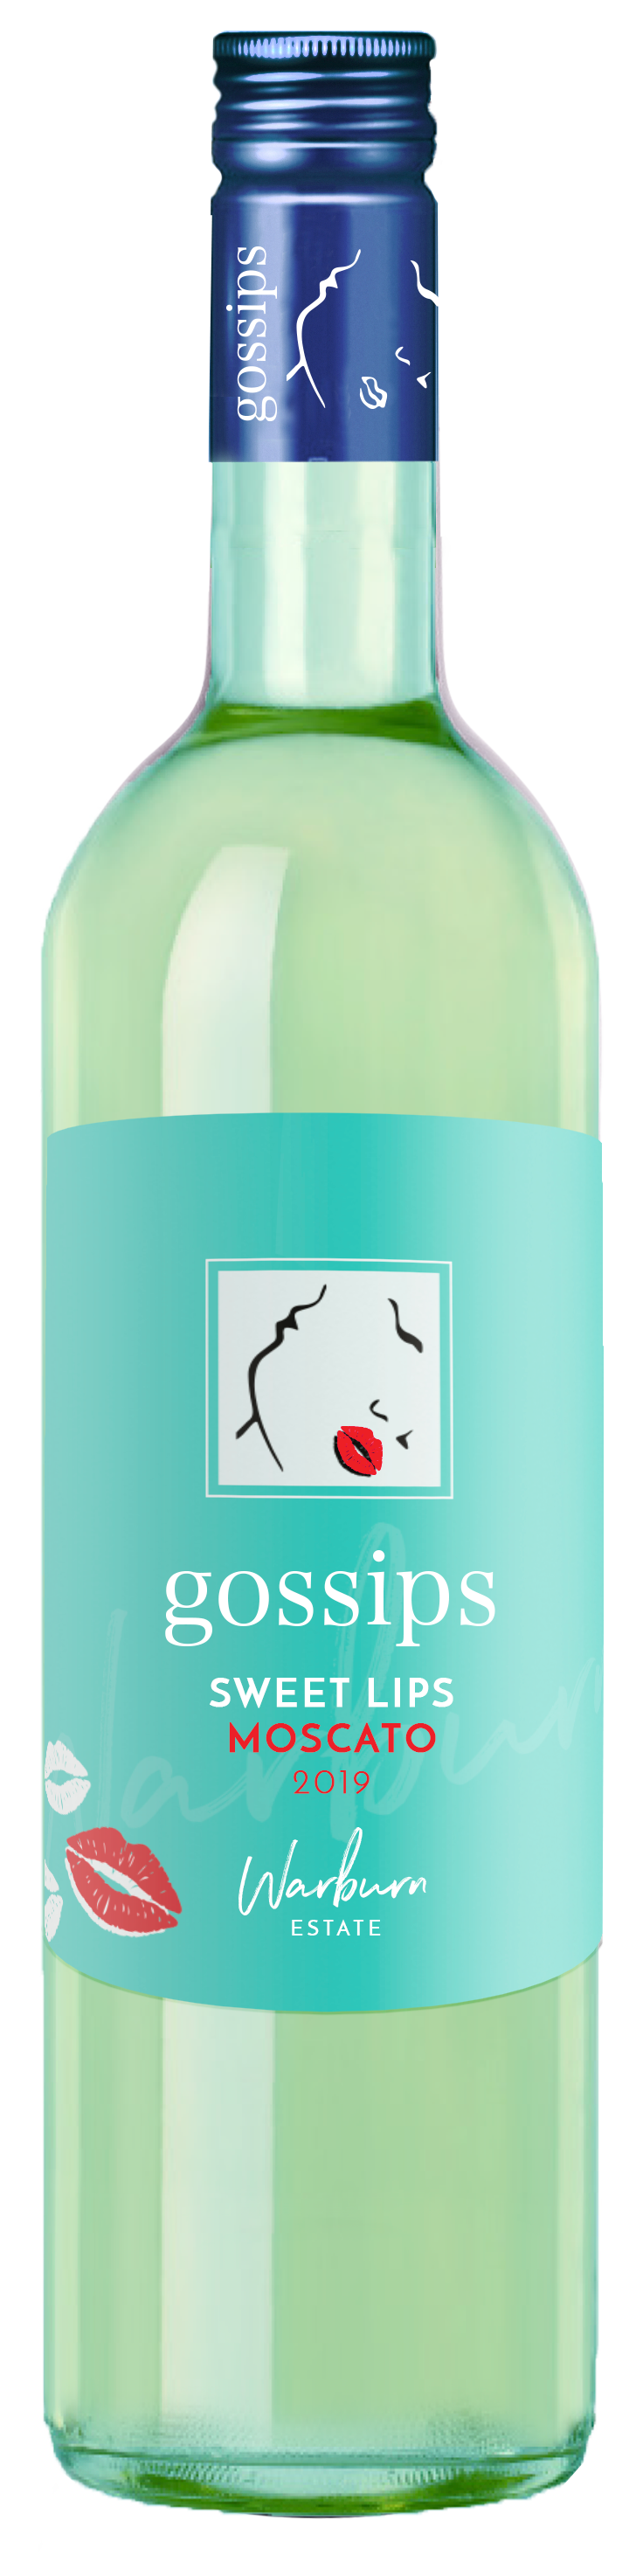 Gossips Sweet Lips Moscato 750ml